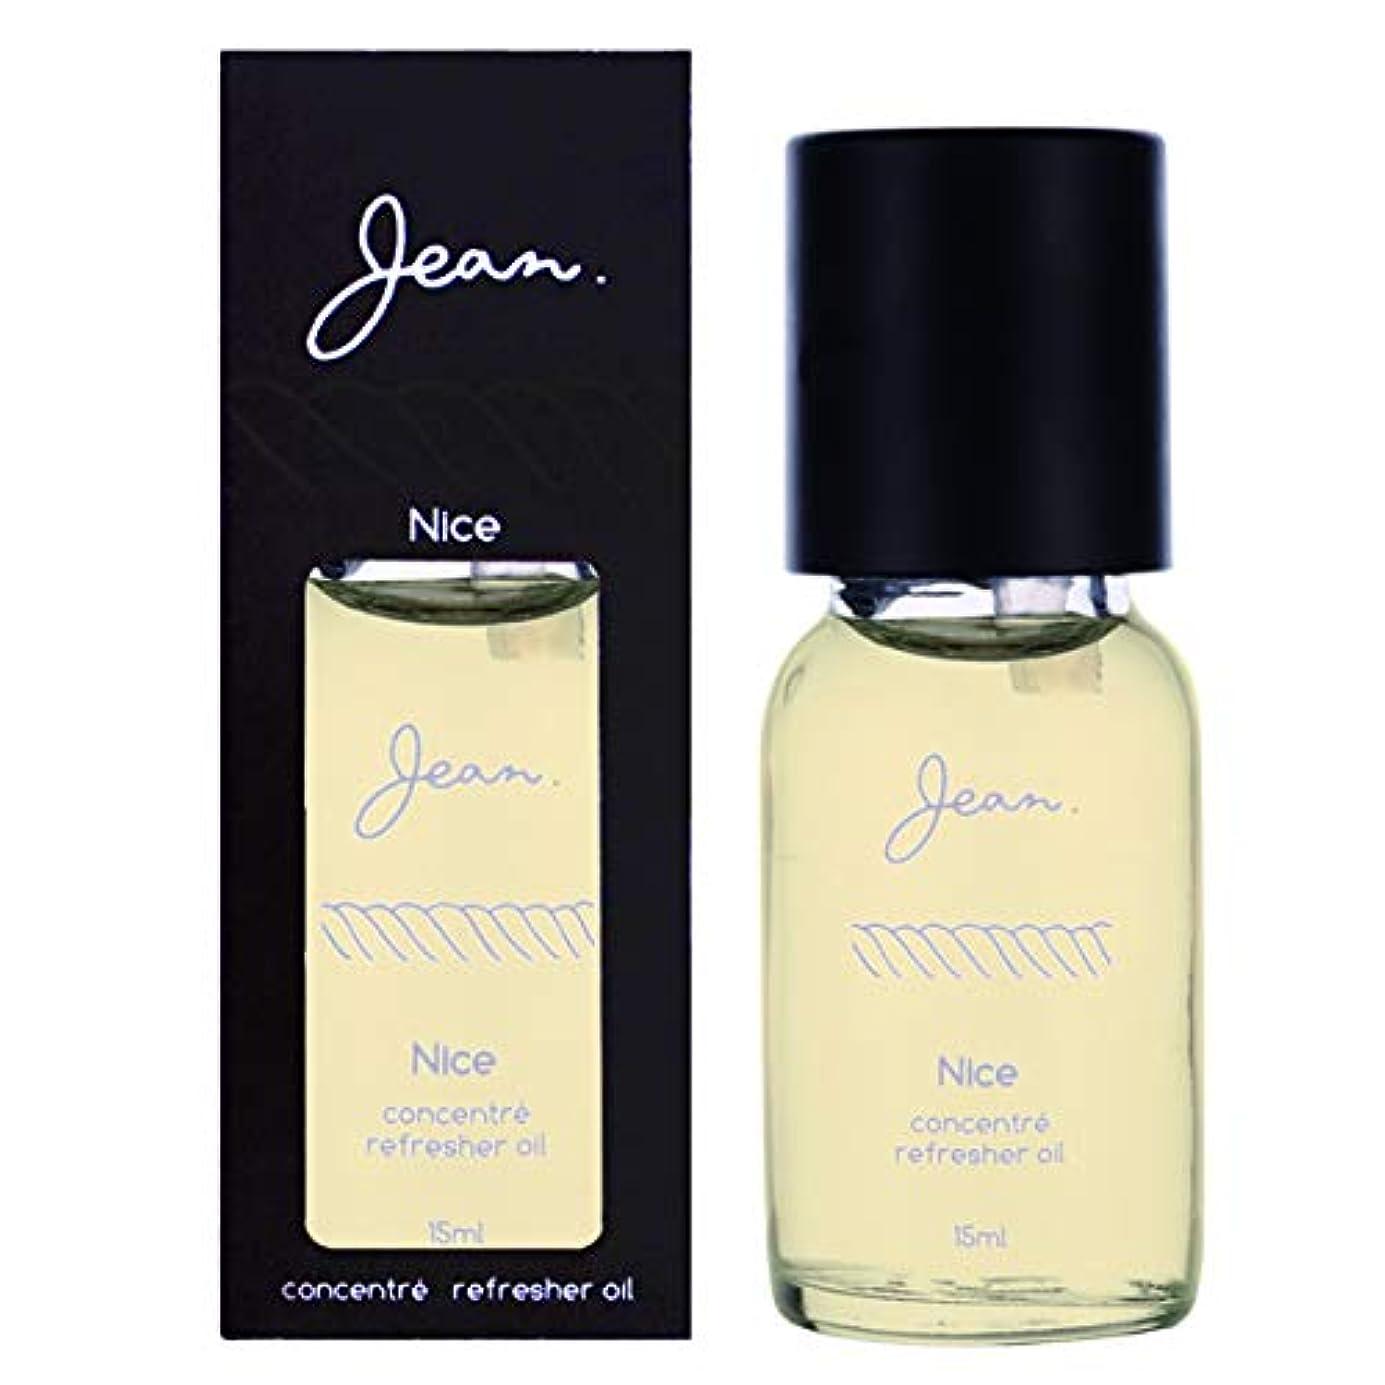 奇跡的な咳後継ジャン フレグランスオイル ニース 青く深い海を感じられるマリン調の香り (アロマオイル)